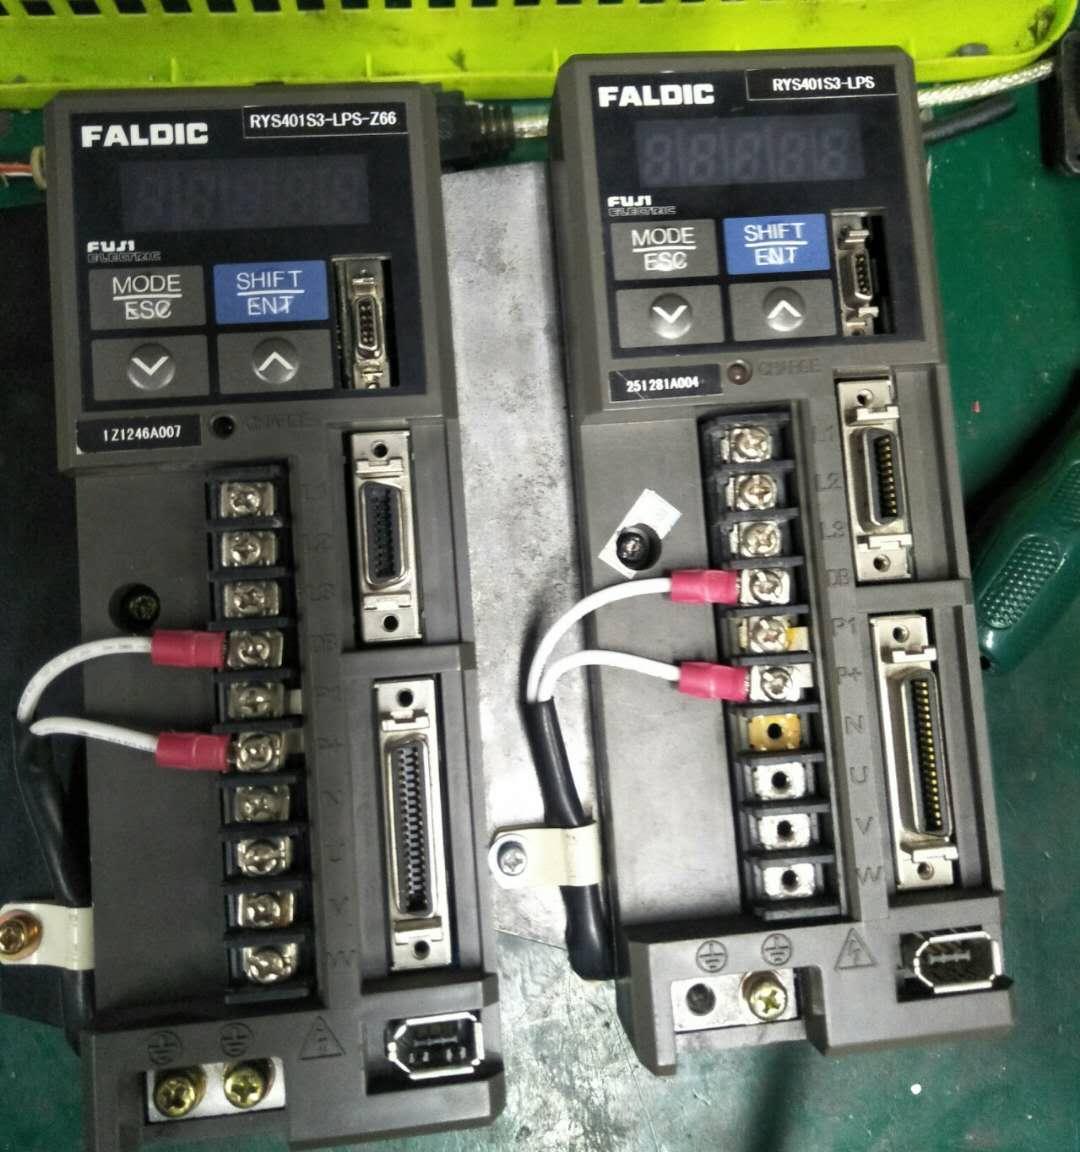 快速富士伺服驱动维修RYS401S3-LPS-Z66 议价